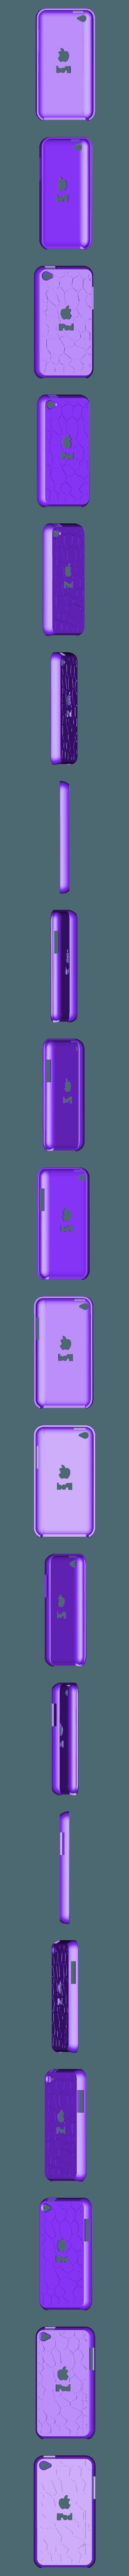 iP4_gCarved.stl Télécharger fichier SCAD gratuit Étuis pour iPod 4 Touch • Plan imprimable en 3D, Wachet